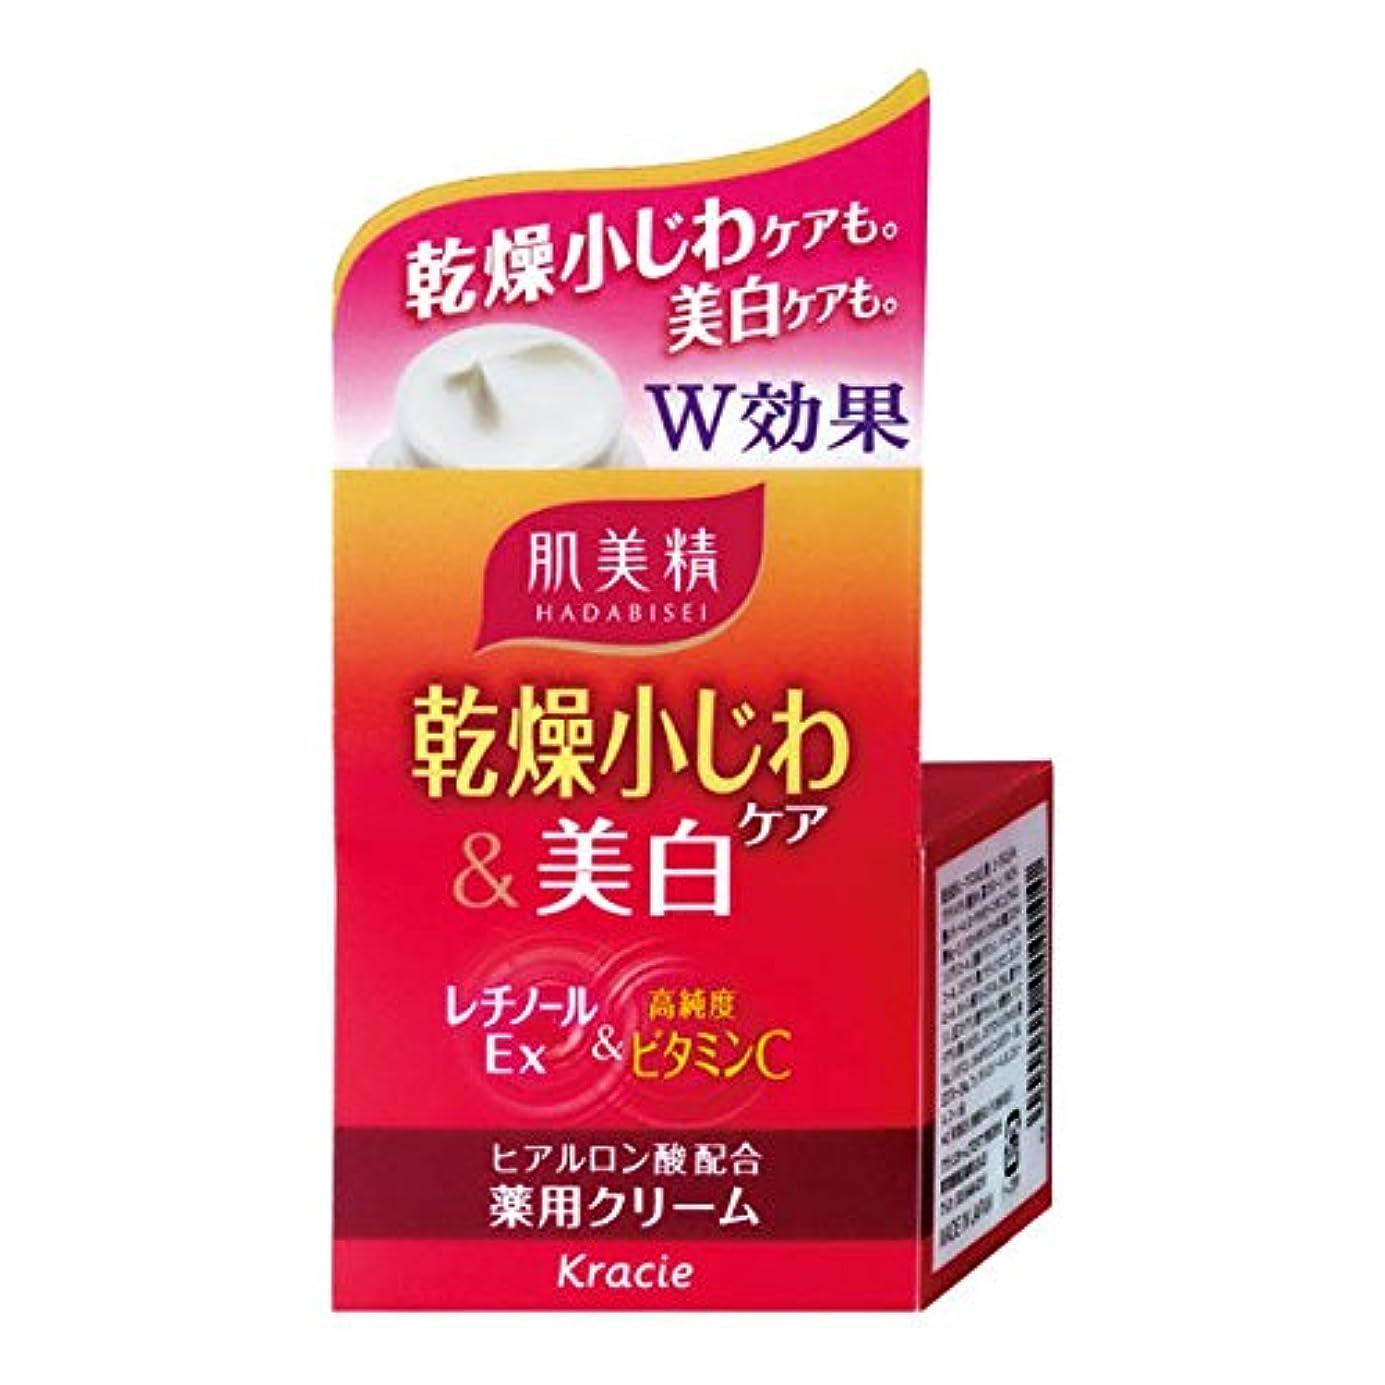 地味なキルス顔料肌美精 乾燥小じわケア&美白 薬用クリーム 50g 【医薬部外品】